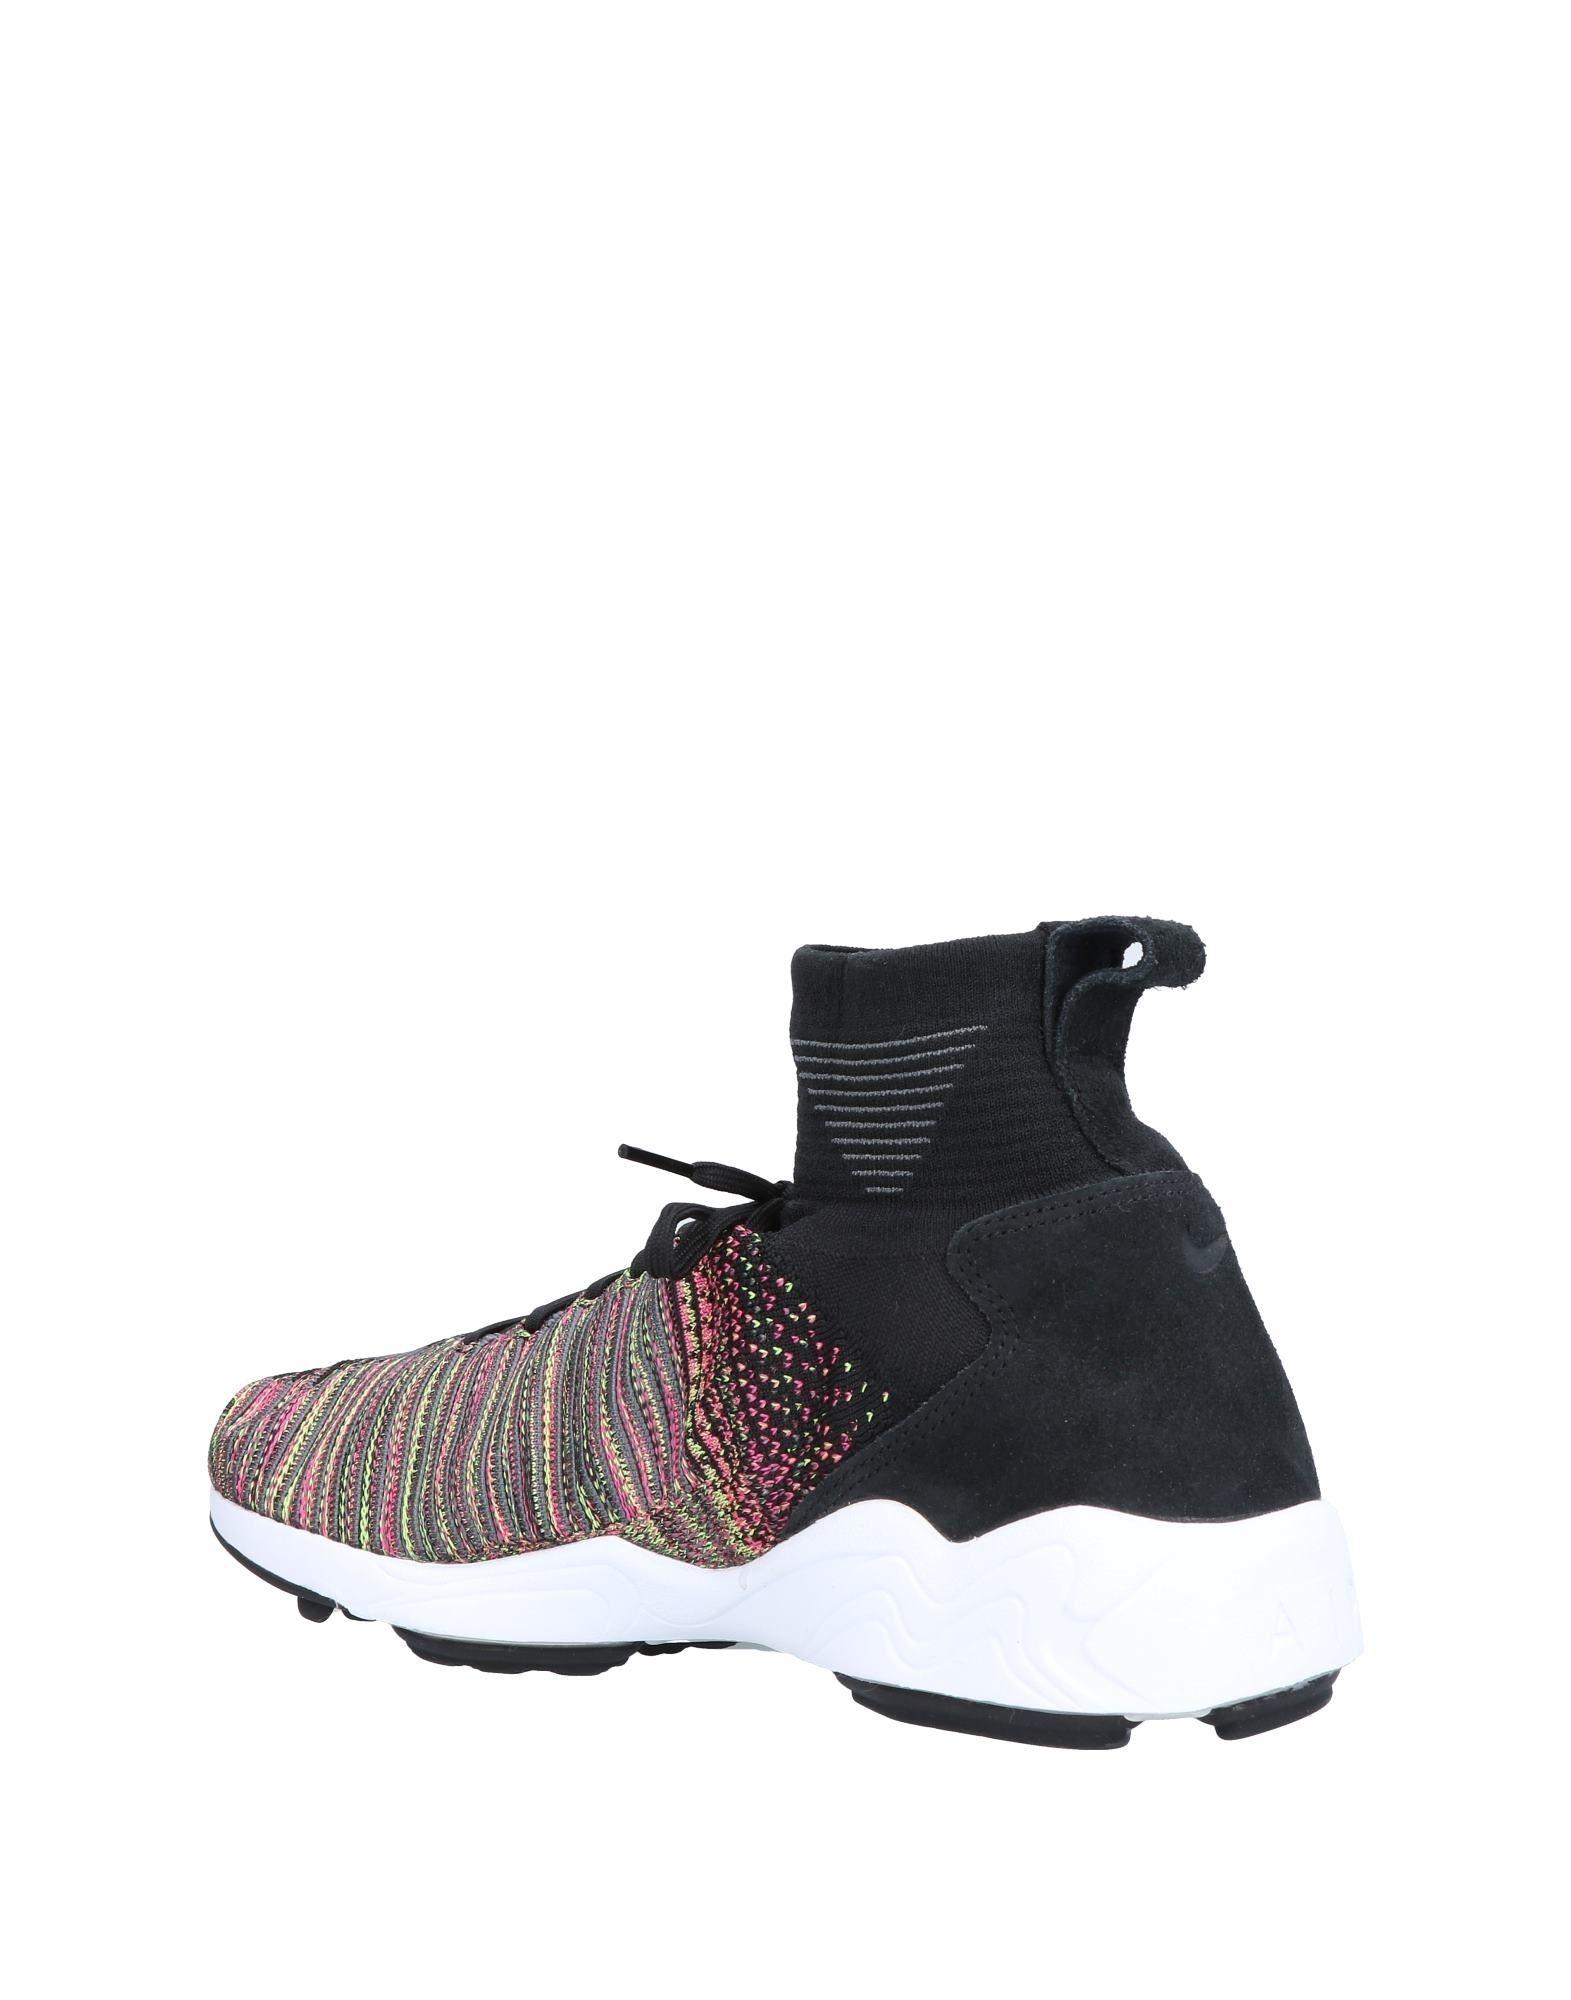 Nike Sneakers Herren beliebte  11485779RN Gute Qualität beliebte Herren Schuhe b2c467